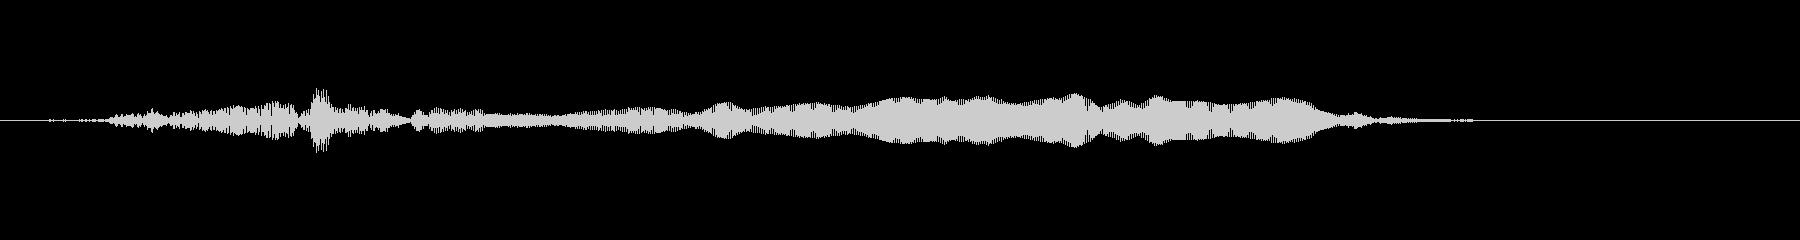 猫の鳴き声6の未再生の波形